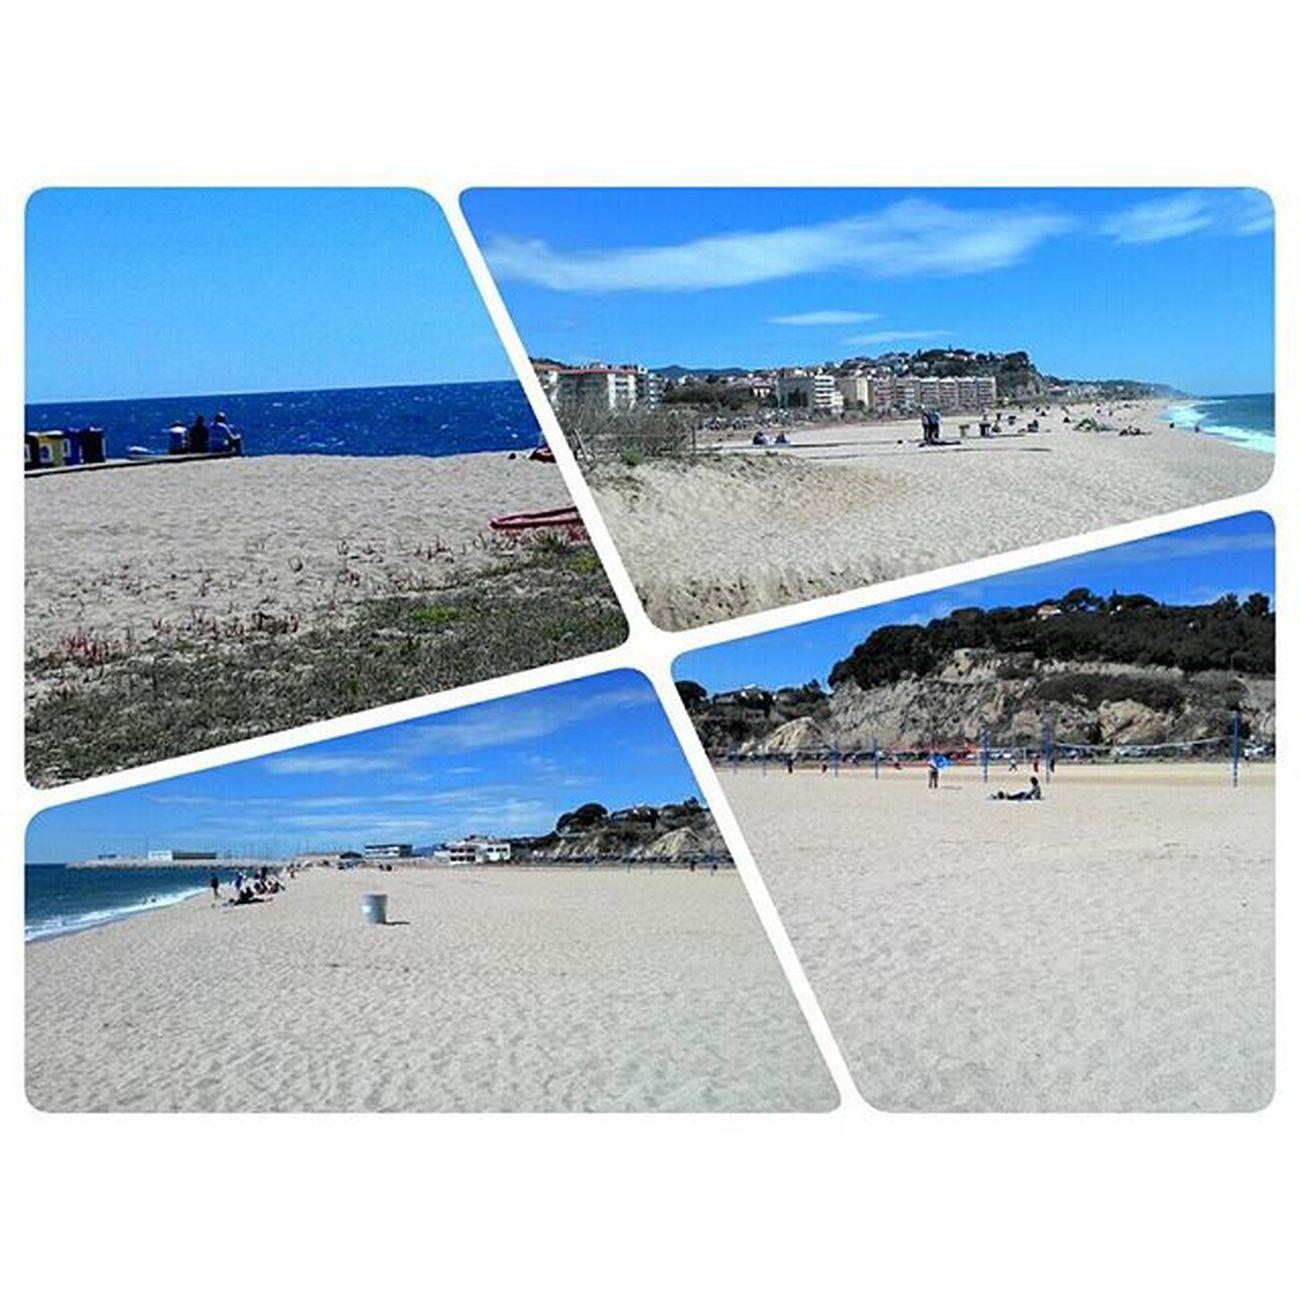 Dia de passeig per la platja, sol, aire, recuperació. Espolon Igers Igersbarcelona Photocollage Arenys De Mar